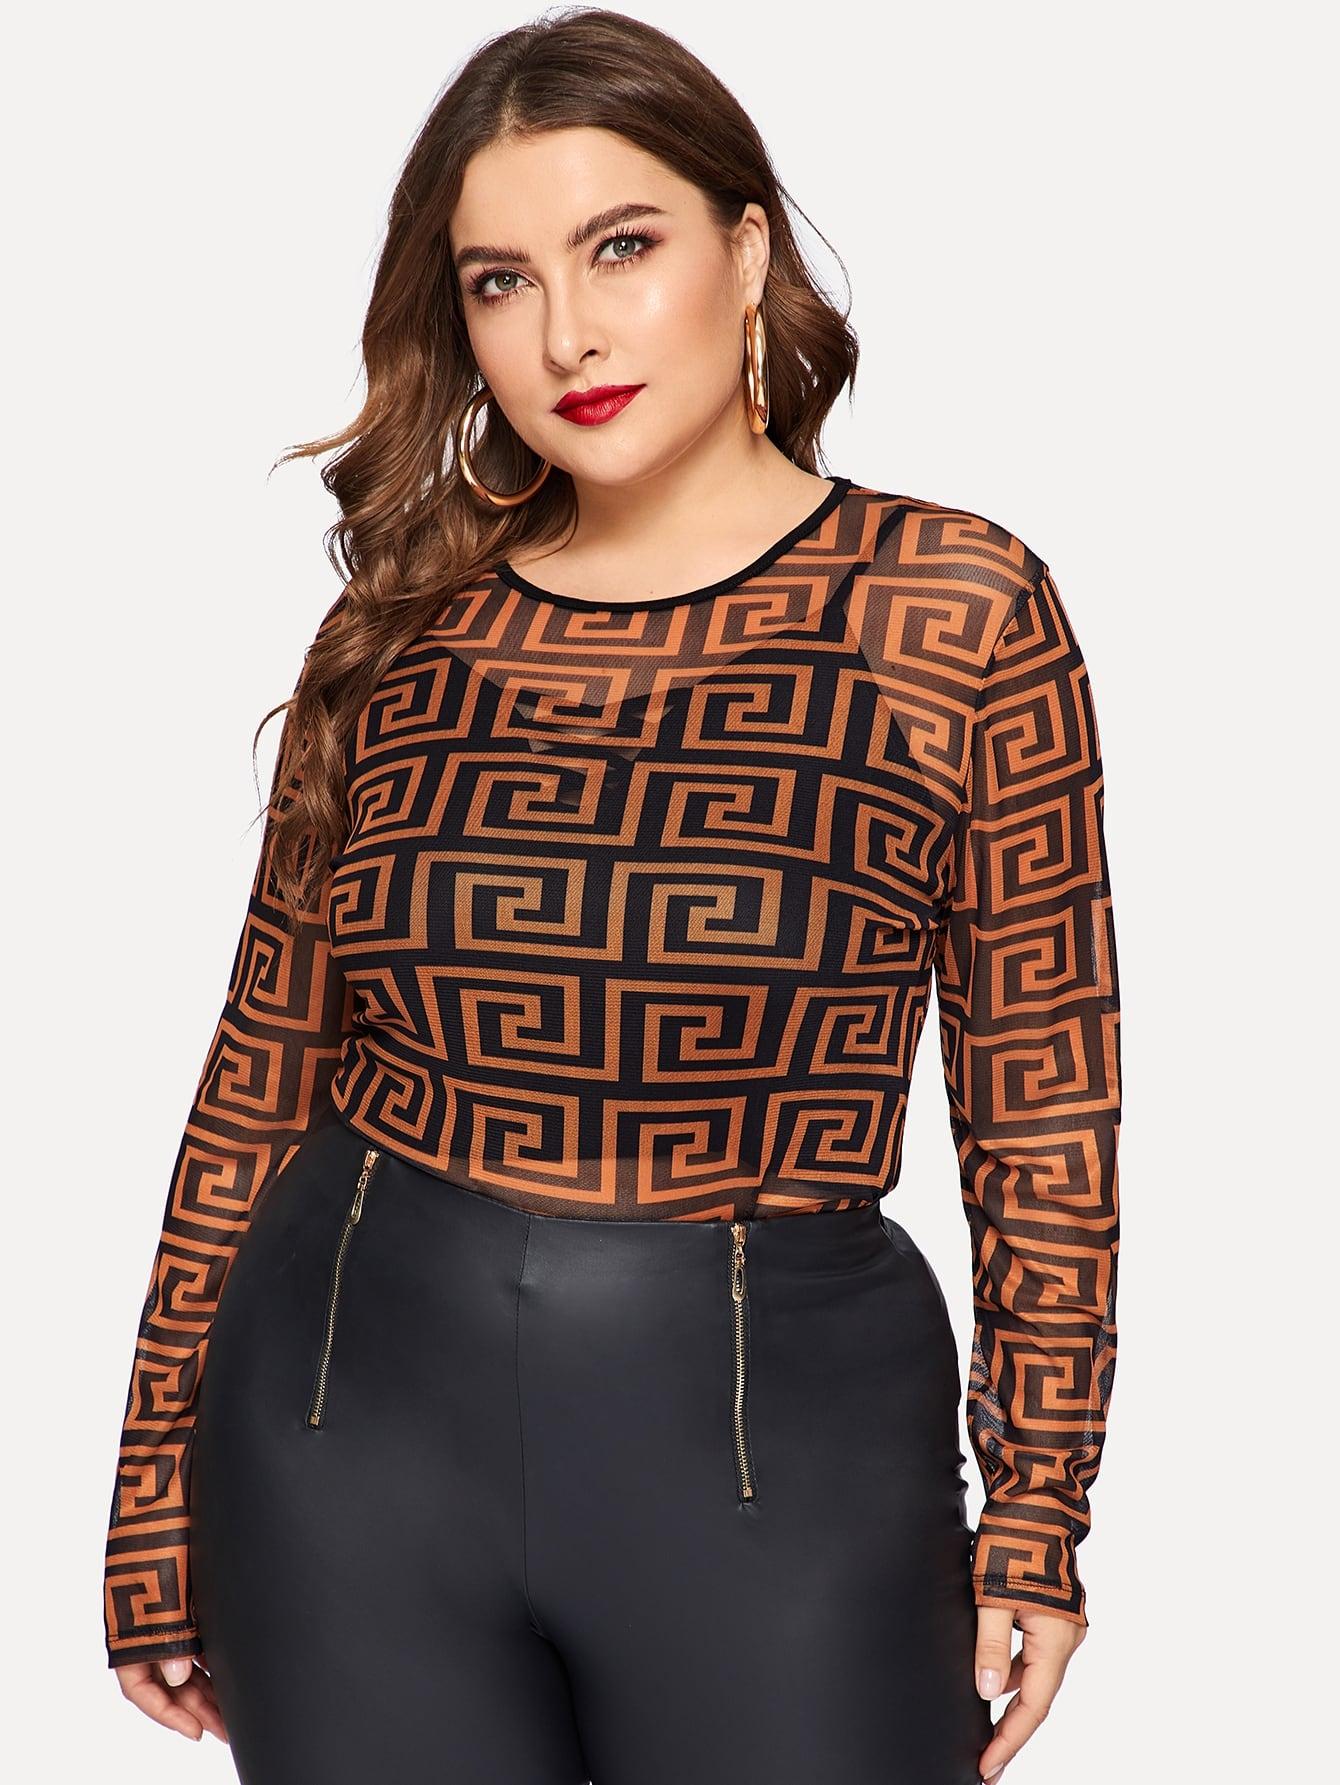 Купить Размер плюс сетчаткая блуза без майки, Franziska, SheIn